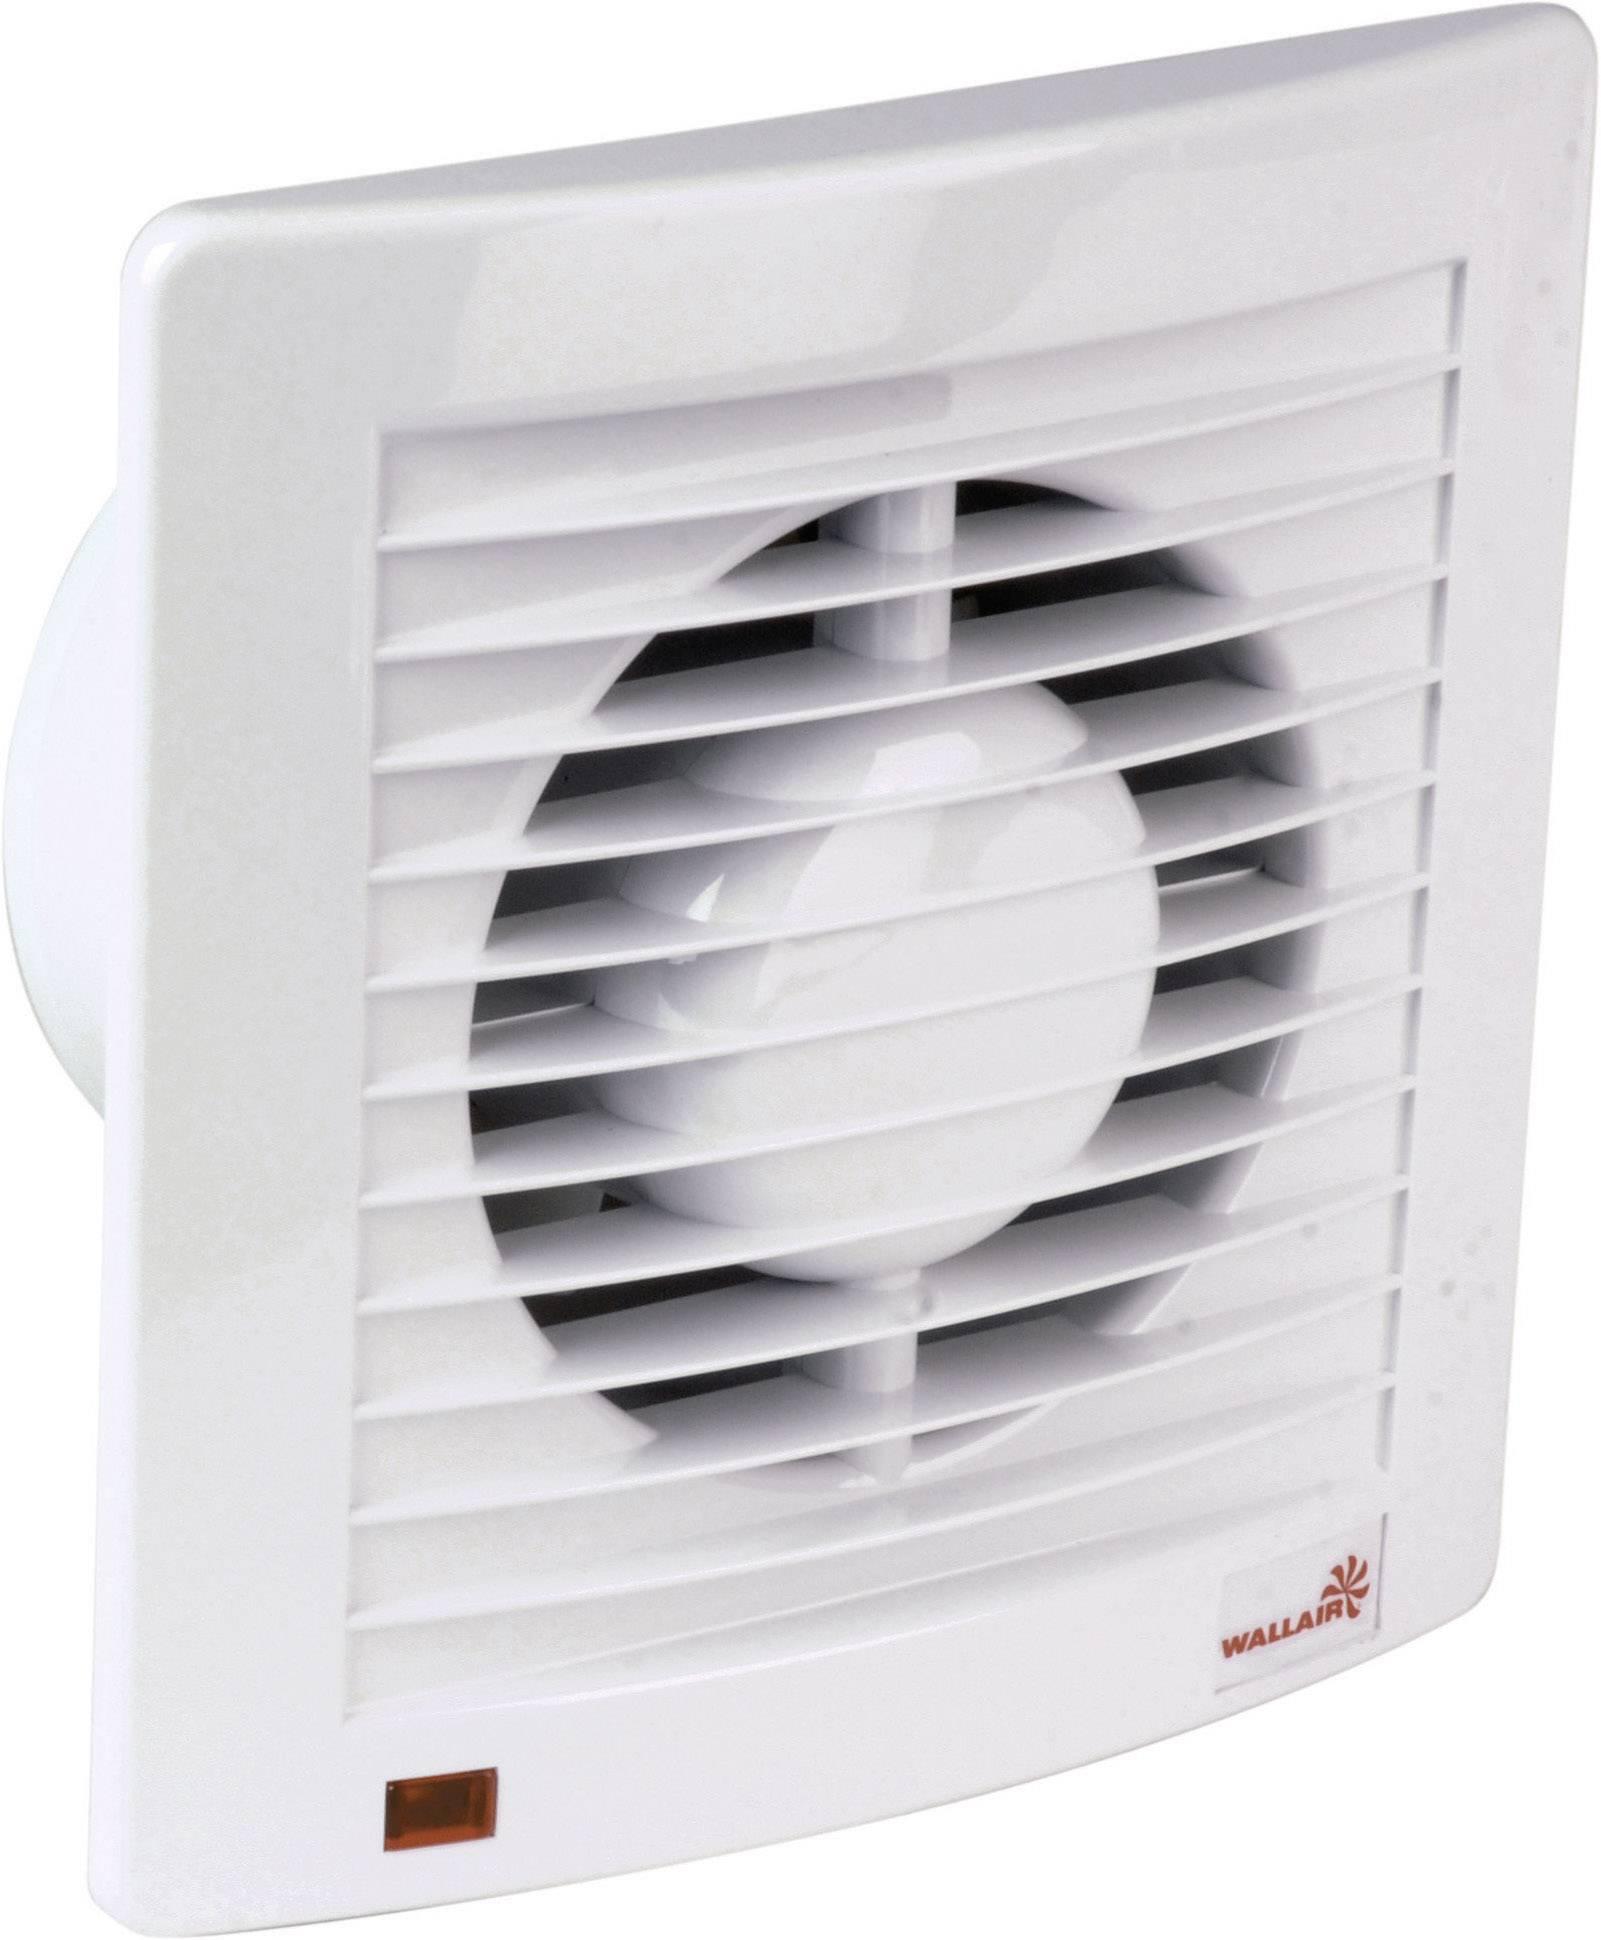 Vestavný ventilátor Wallair, 20110600, 230 V, 95 m3/h, 16 cm